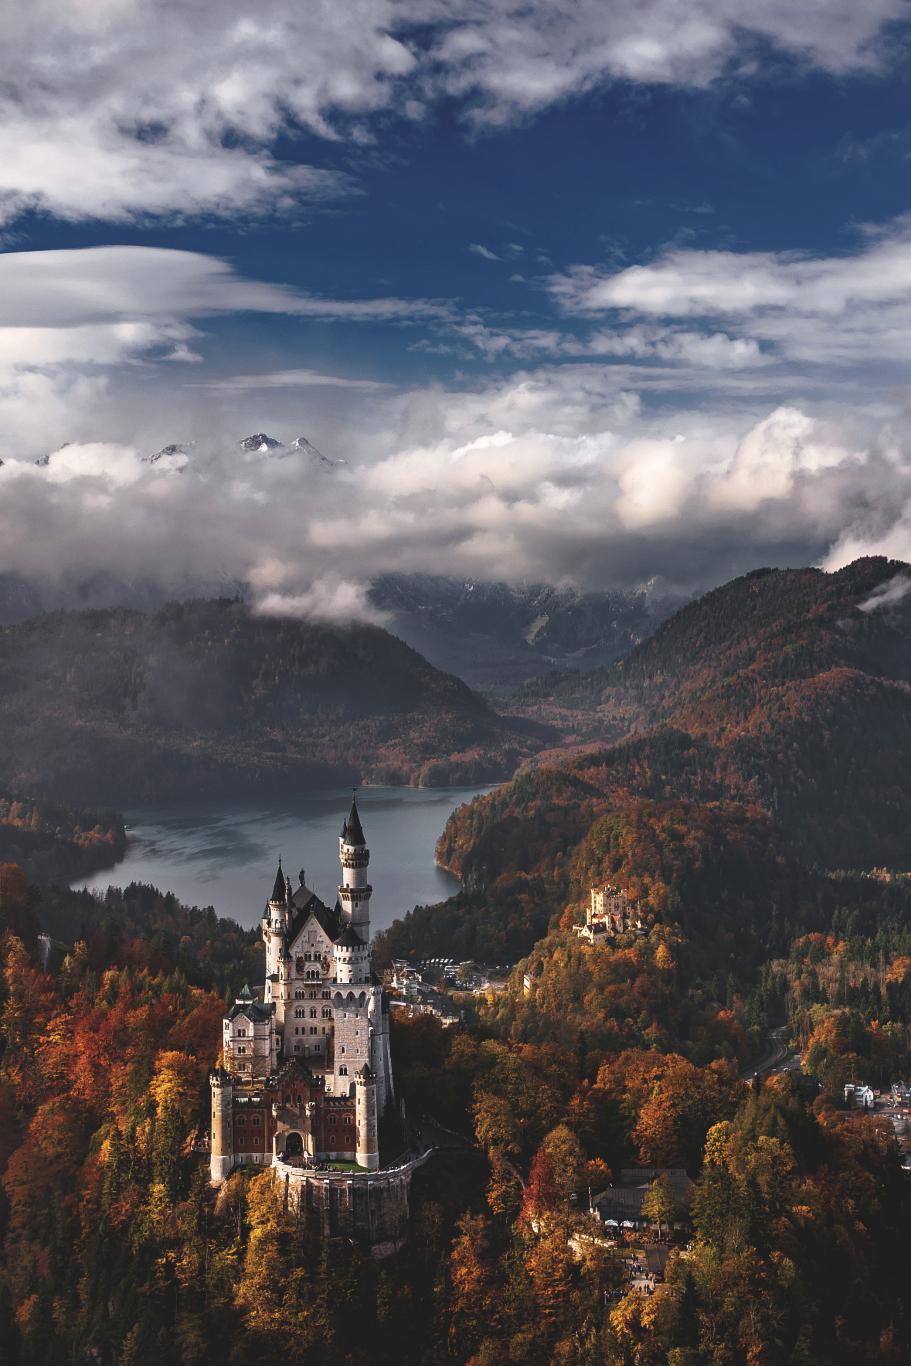 germany castle neuschwanstein bavaria clouds